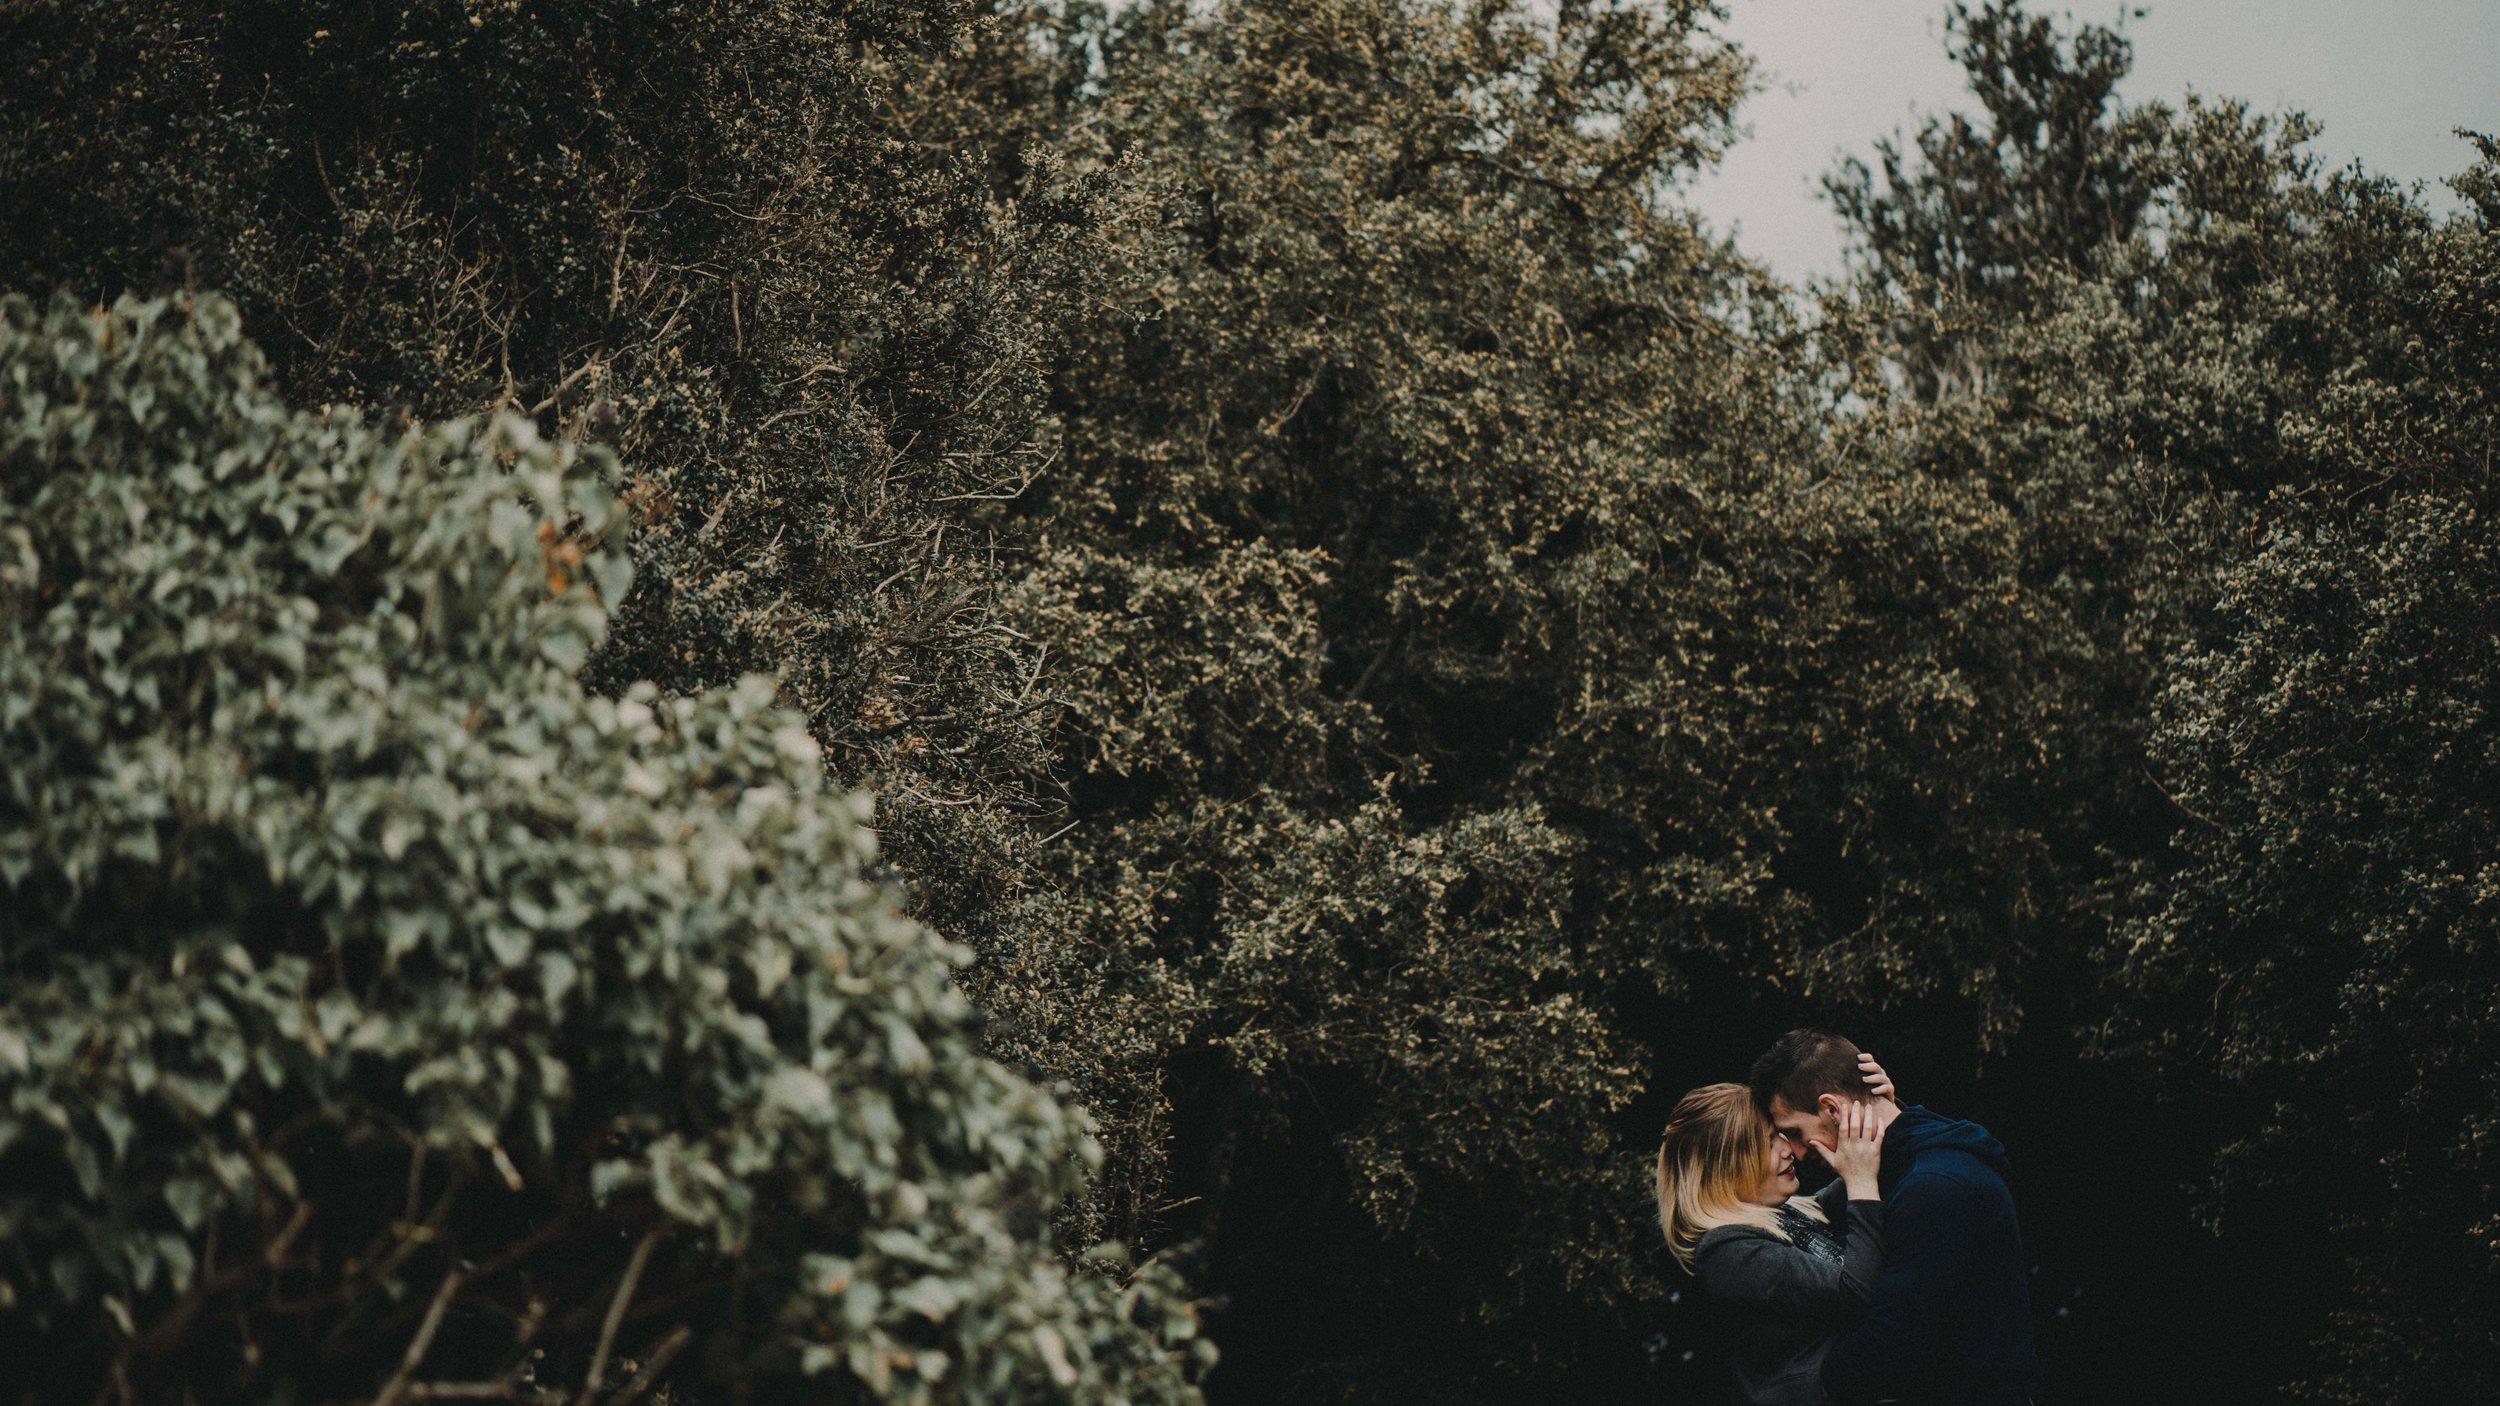 Léa-Fery-photographe-professionnel-lyon-rhone-alpes-portrait-creation-mariage-evenement-evenementiel-famille-4019.jpg